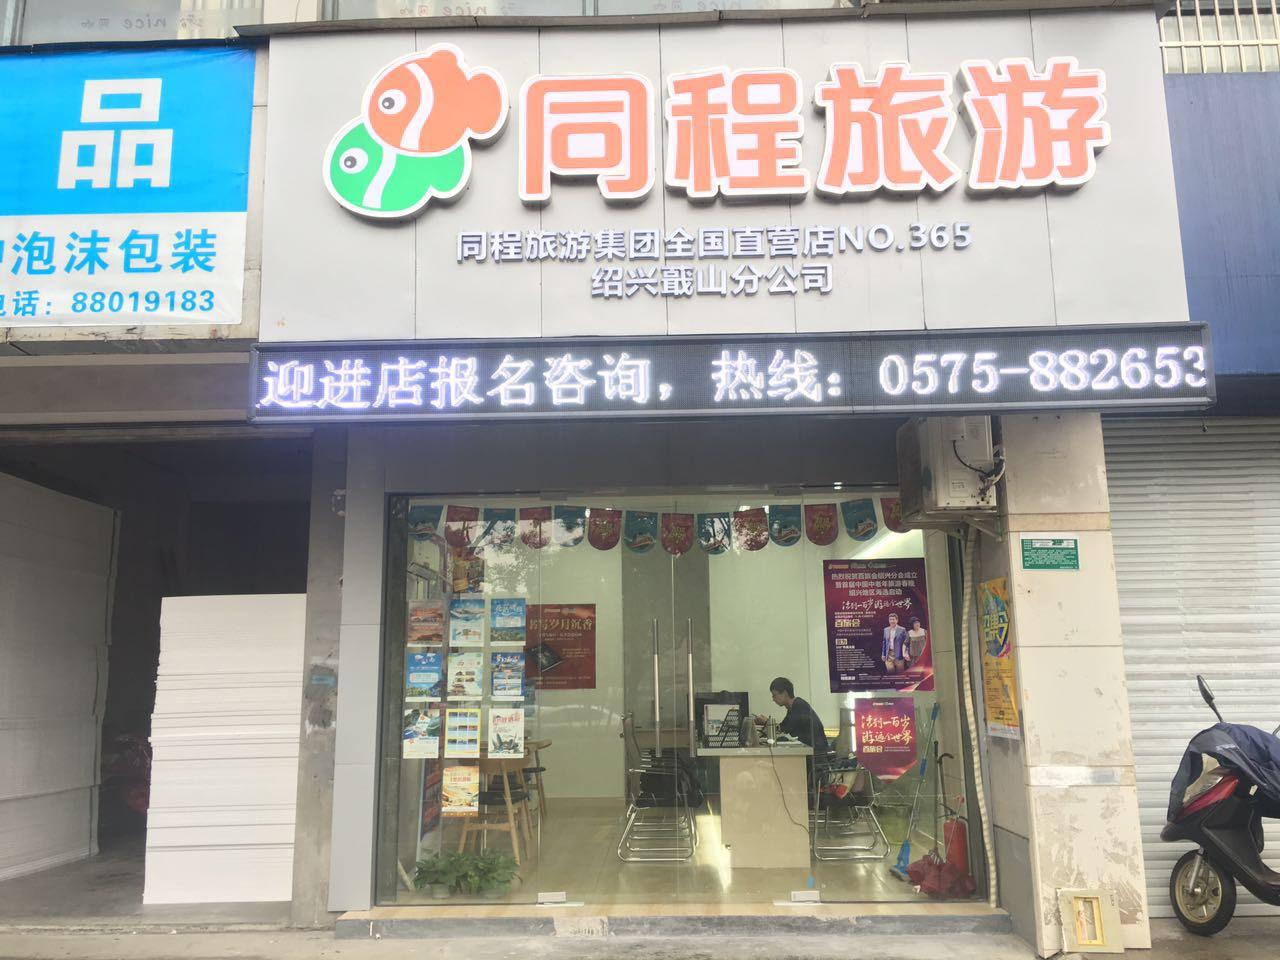 同程旅游绍兴、柯桥、上虞7大体验店地址及电话合集